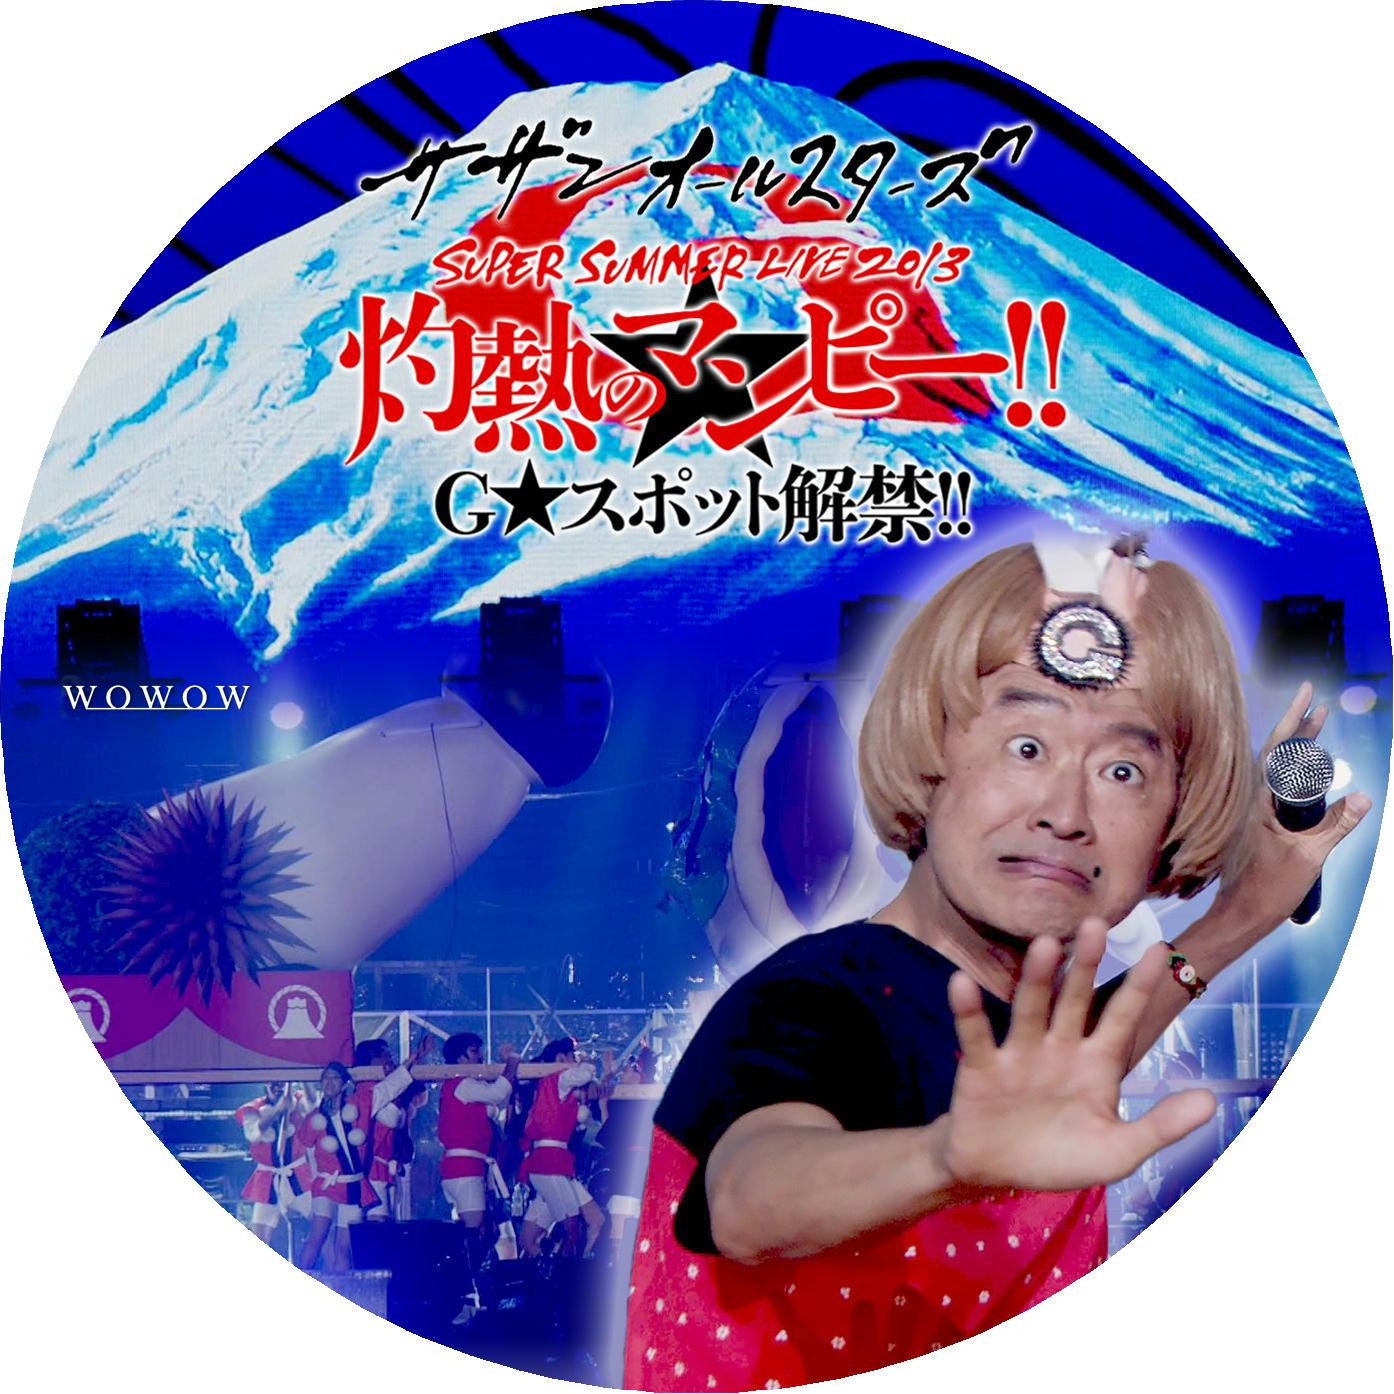 マンピーのG★SPOT DVDラベル